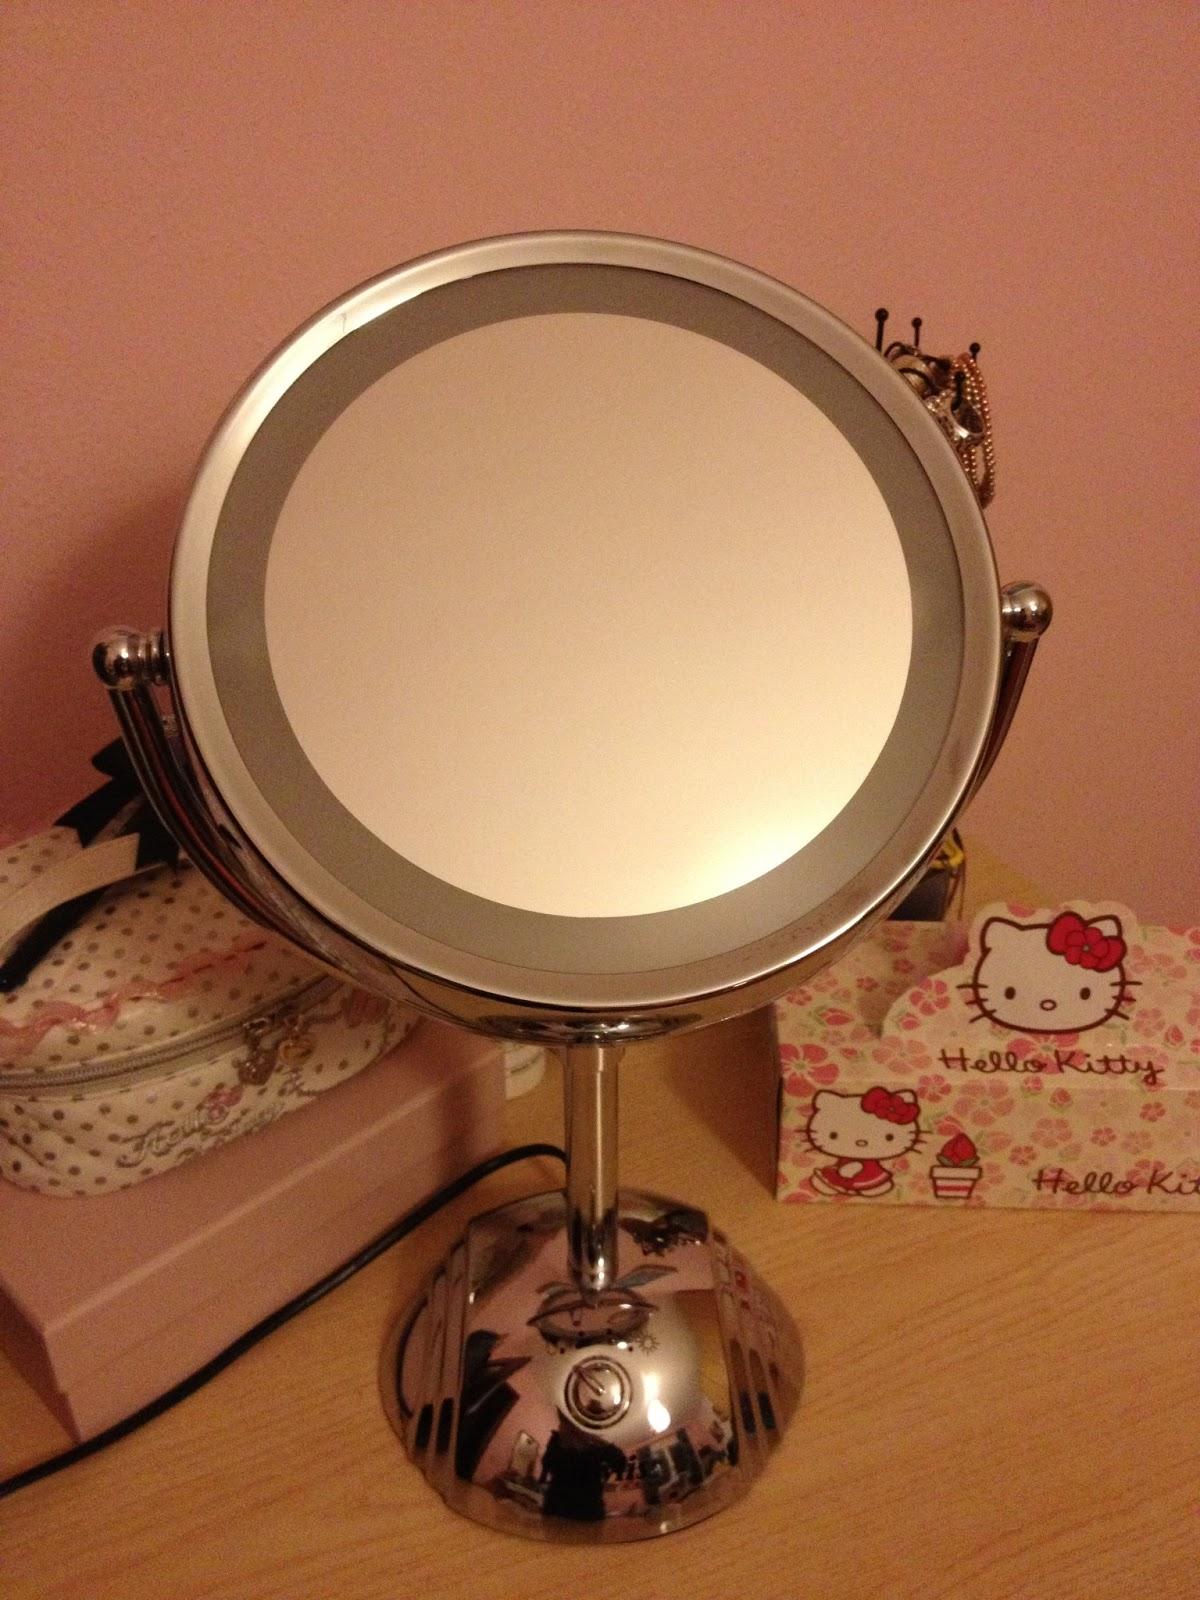 Terry maggie makeupgirls review specchio luminoso babyliss 8438e - Specchio babyliss 8438e ...